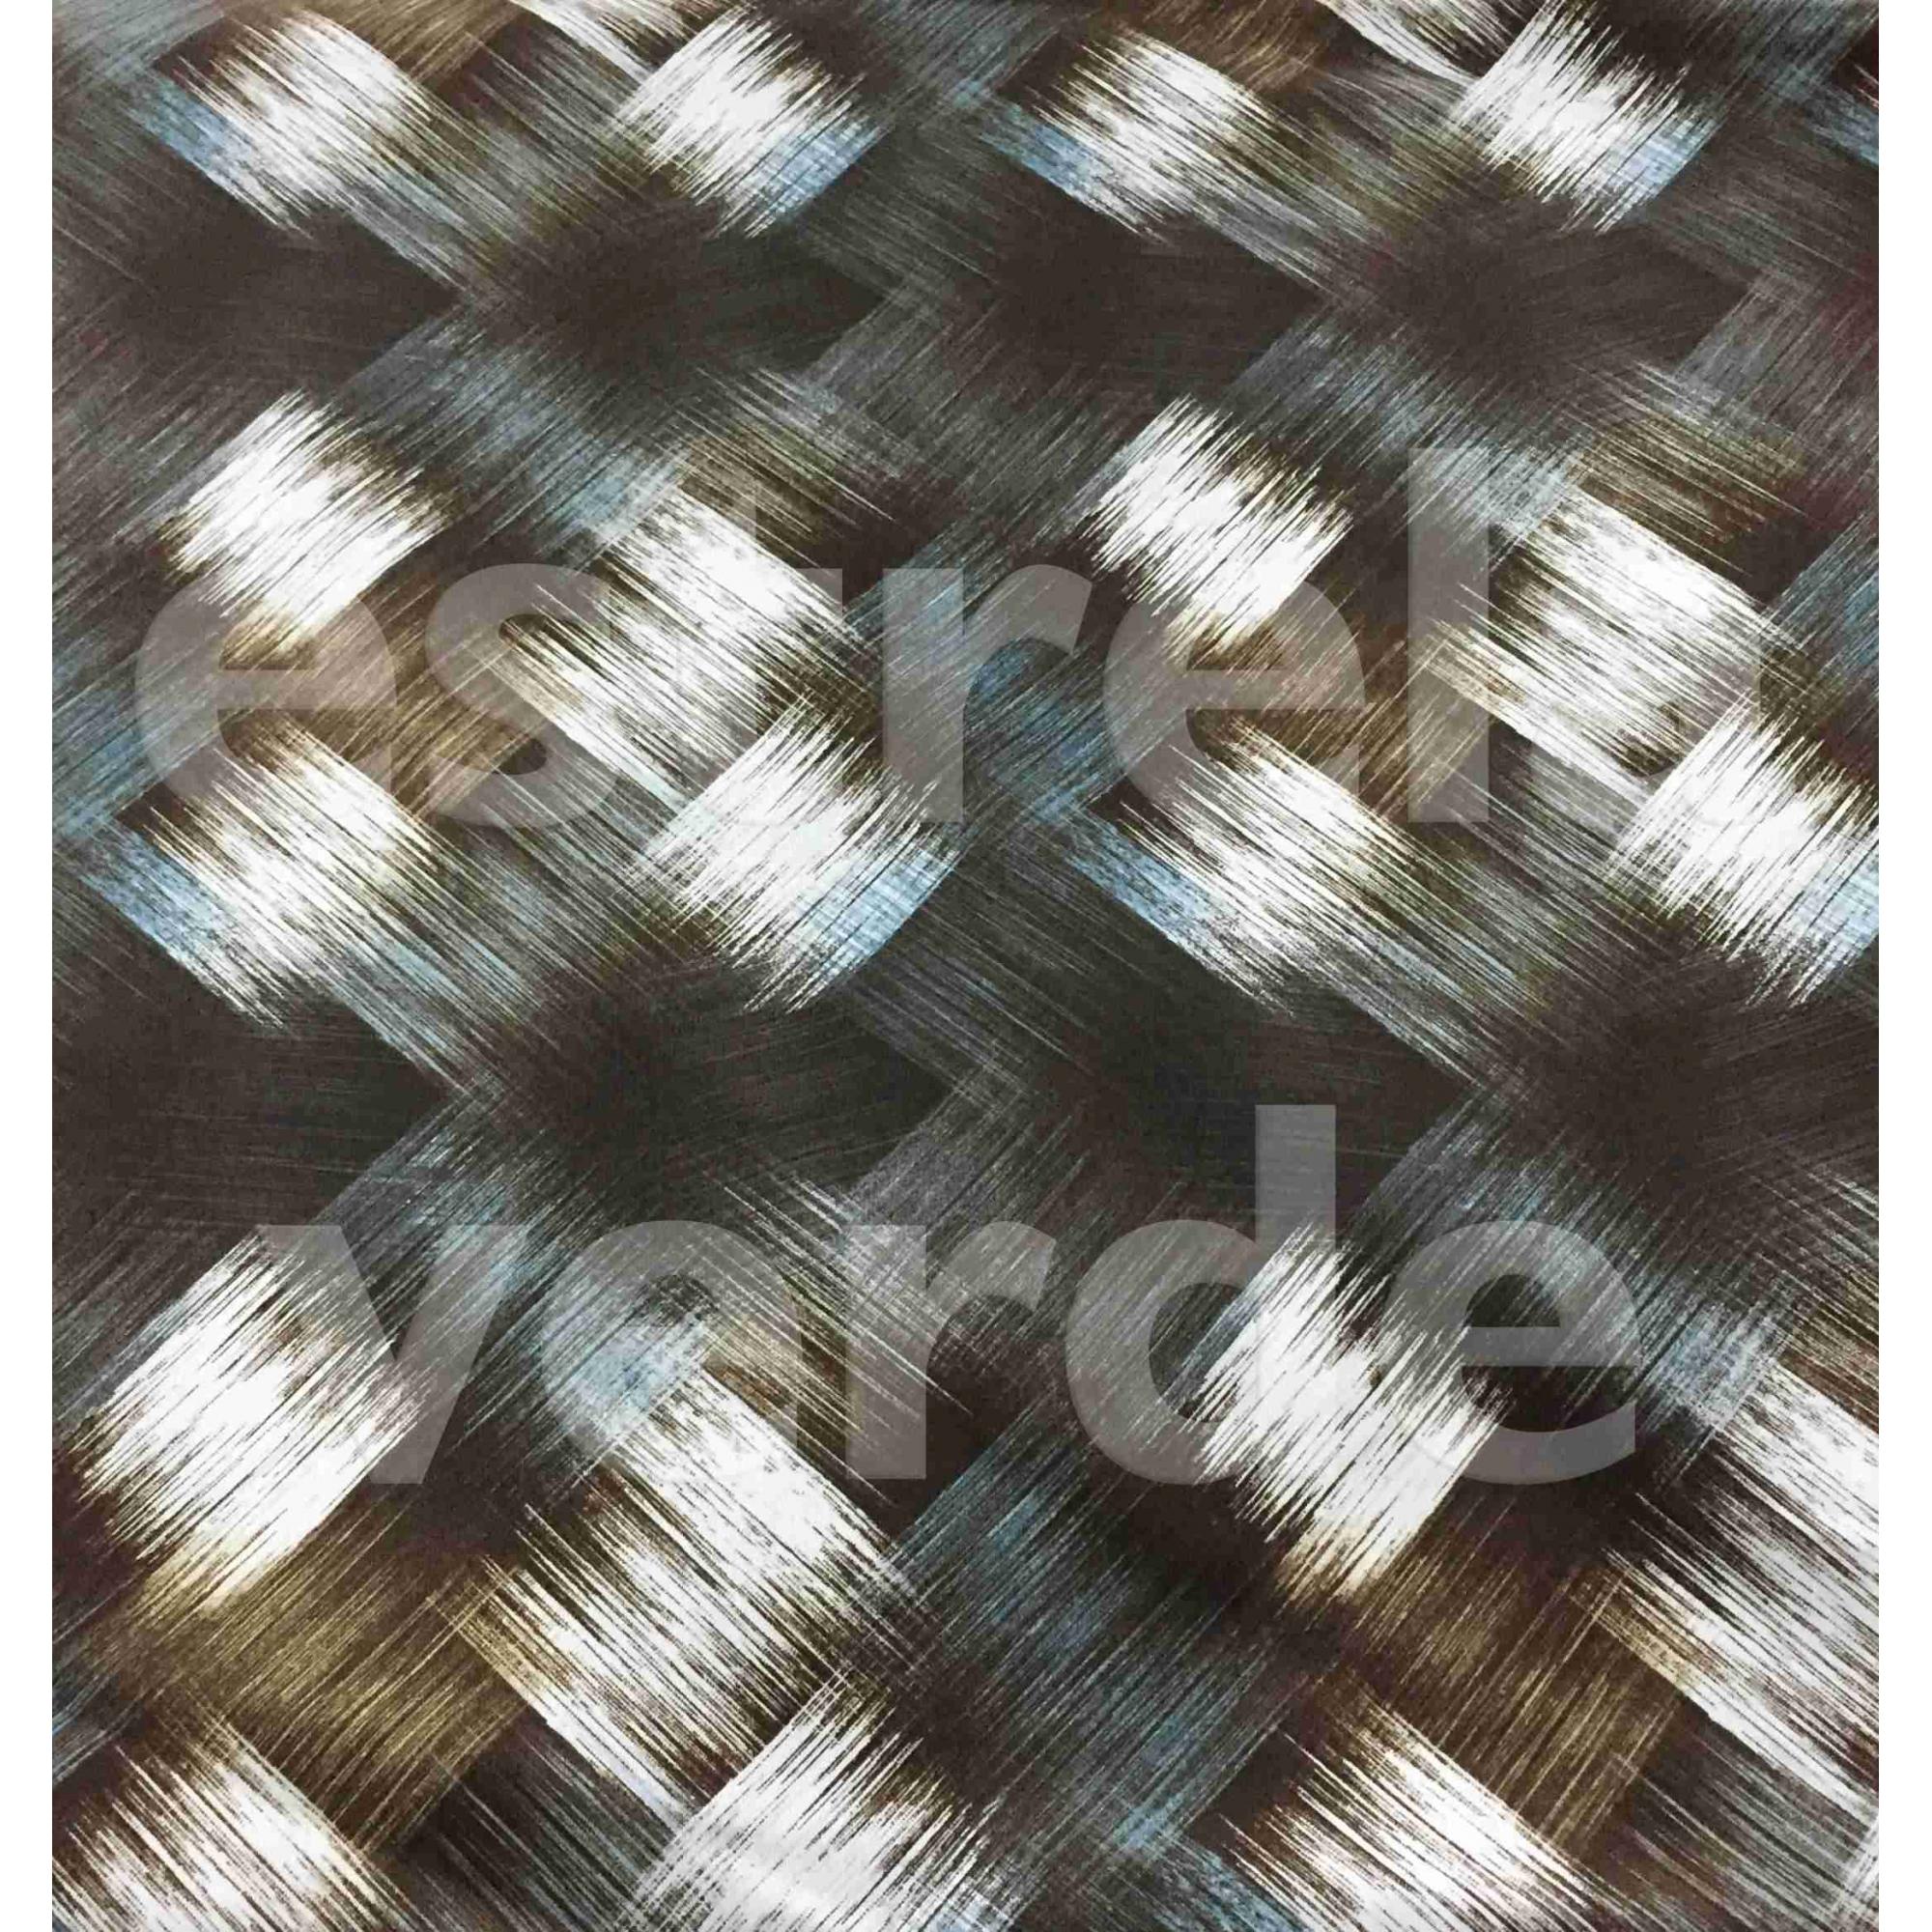 TECIDO IMPERMEAVEL ARTISTIC MARROM 237951 DESCONTI  - Estrela Verde